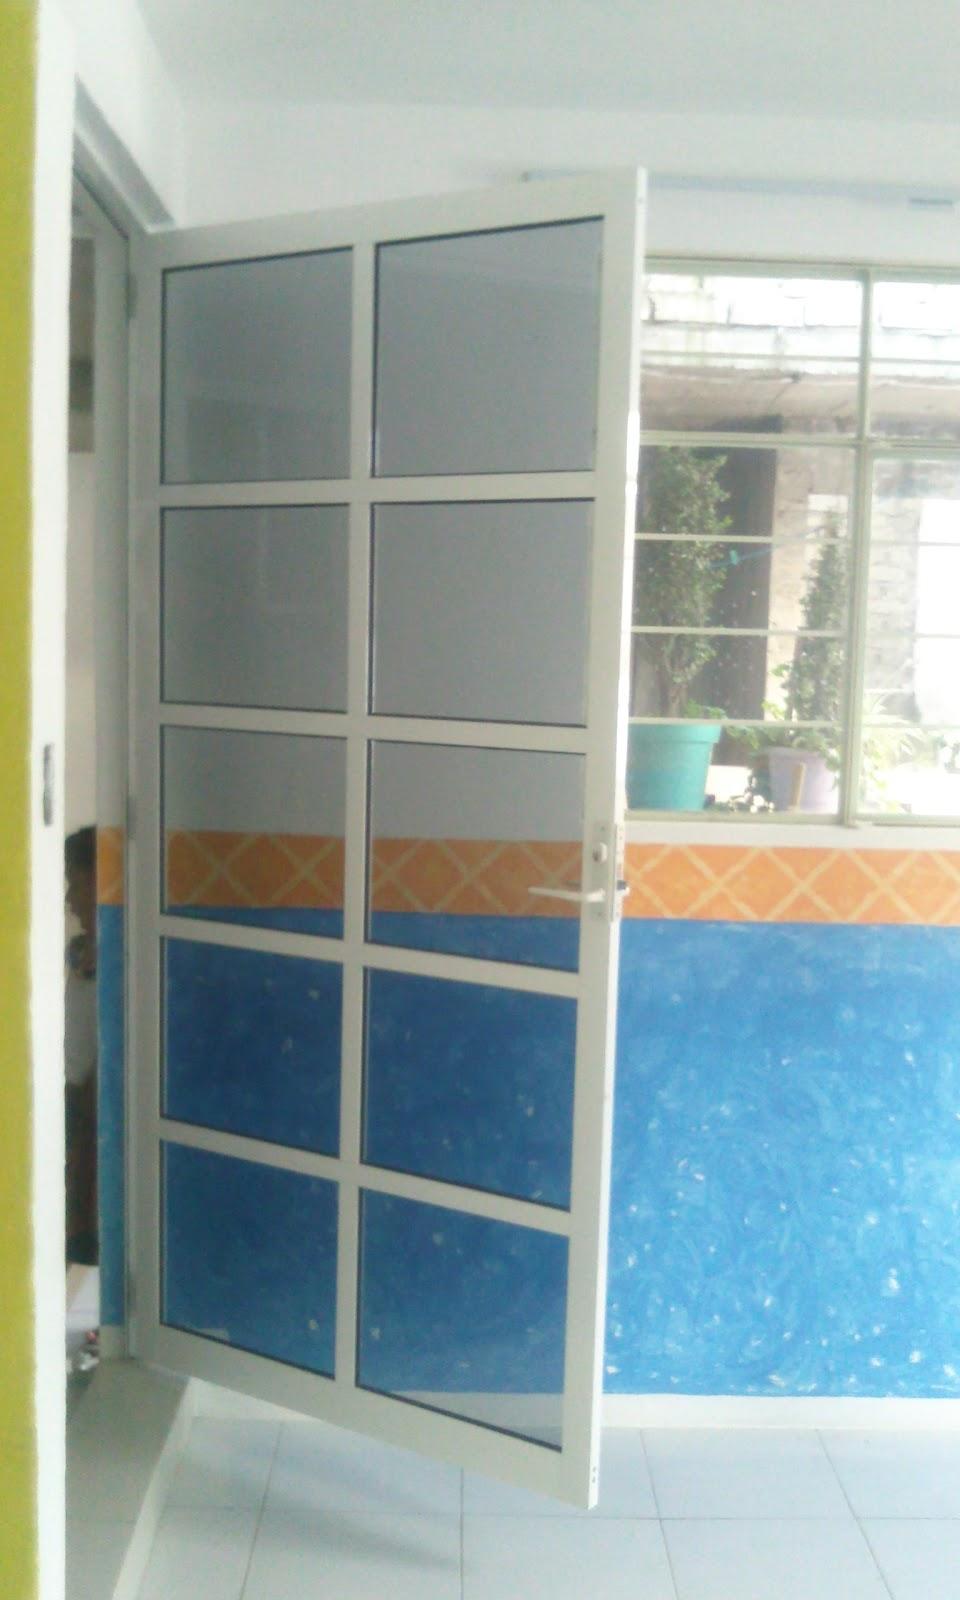 Puertas De Aluminio Blanco Para Baño:Puerta aluminio blanco con cristal claro filtrasol a cuadros con